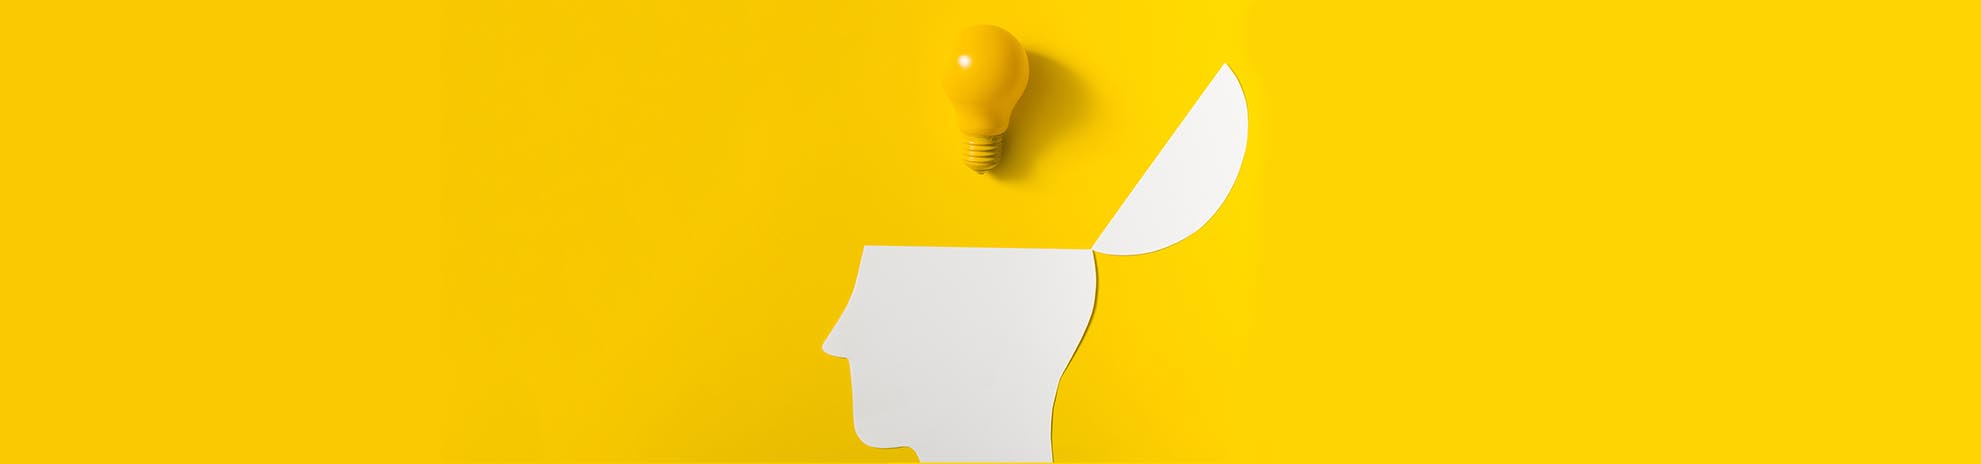 Creatividad e ideas del estudio Aclararte.